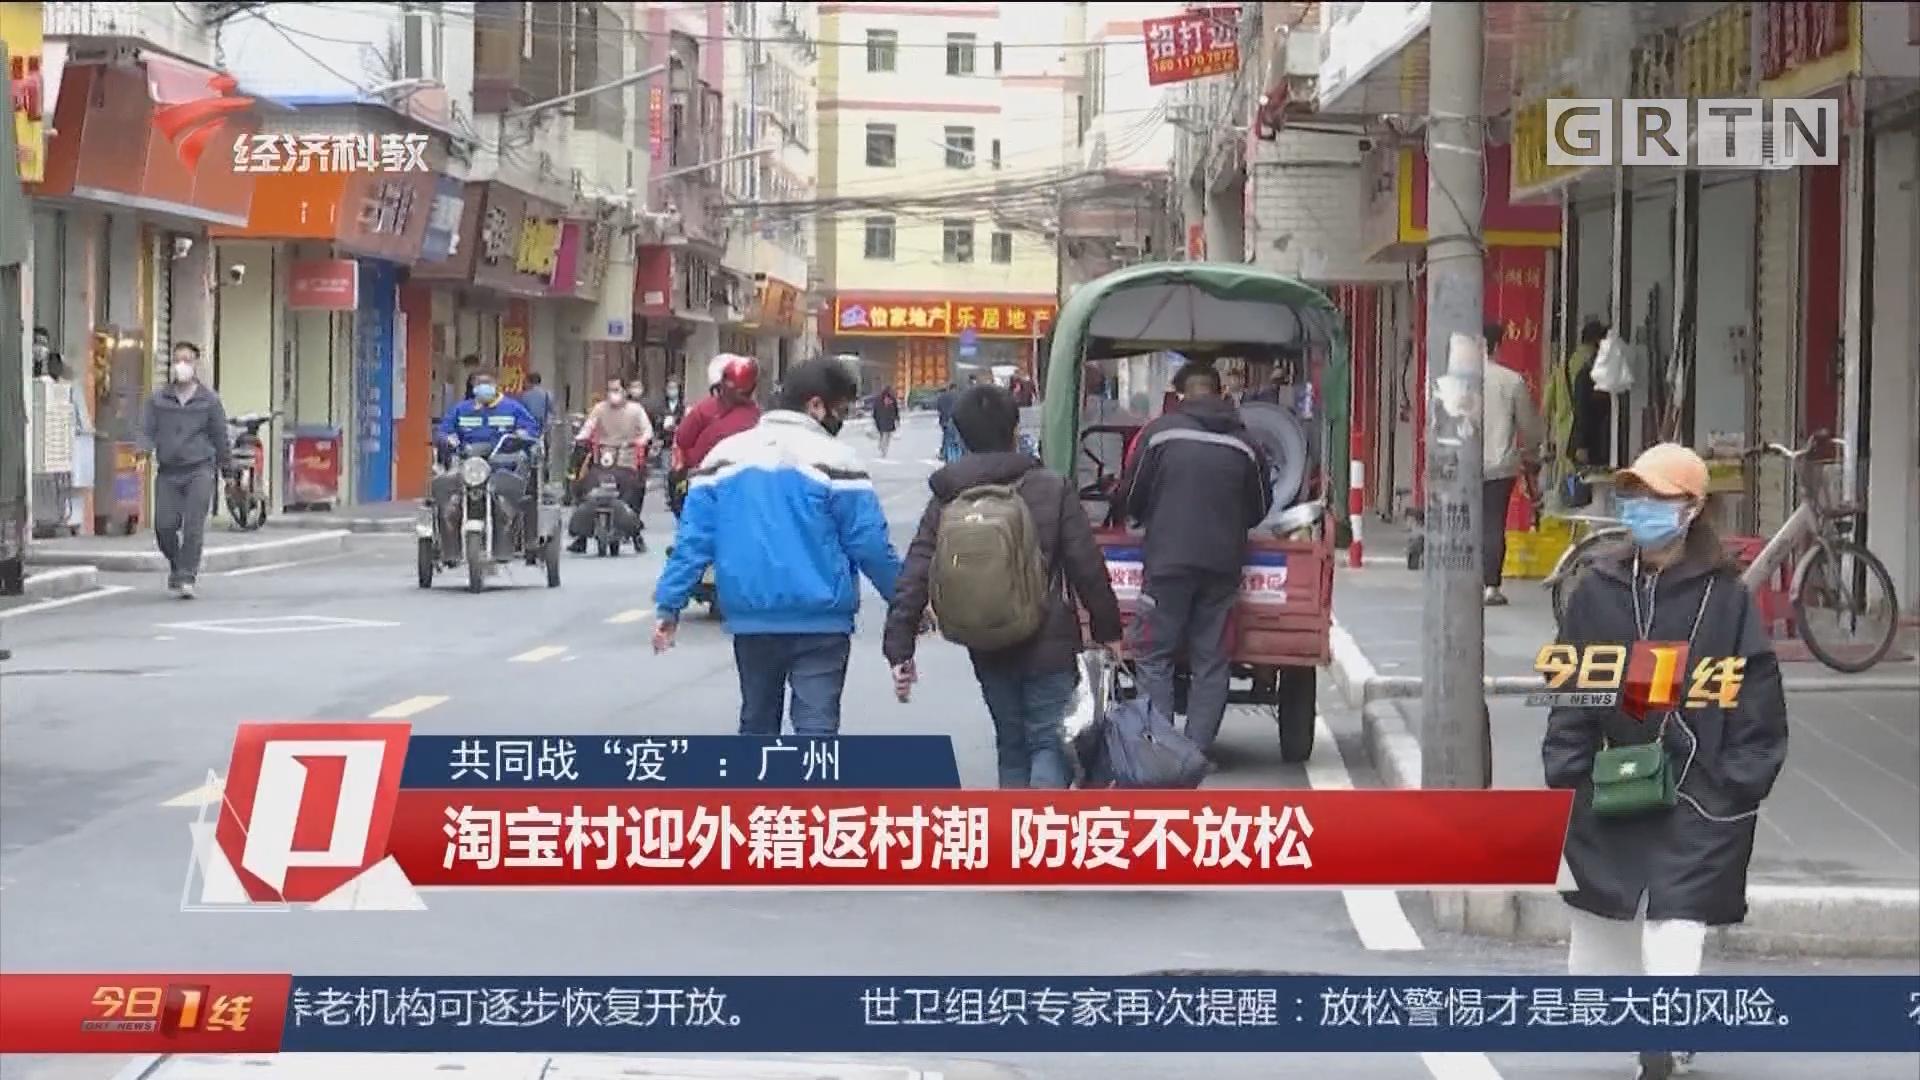 """共同战""""疫"""":广州 淘宝村迎外籍返村潮 防疫不放松"""